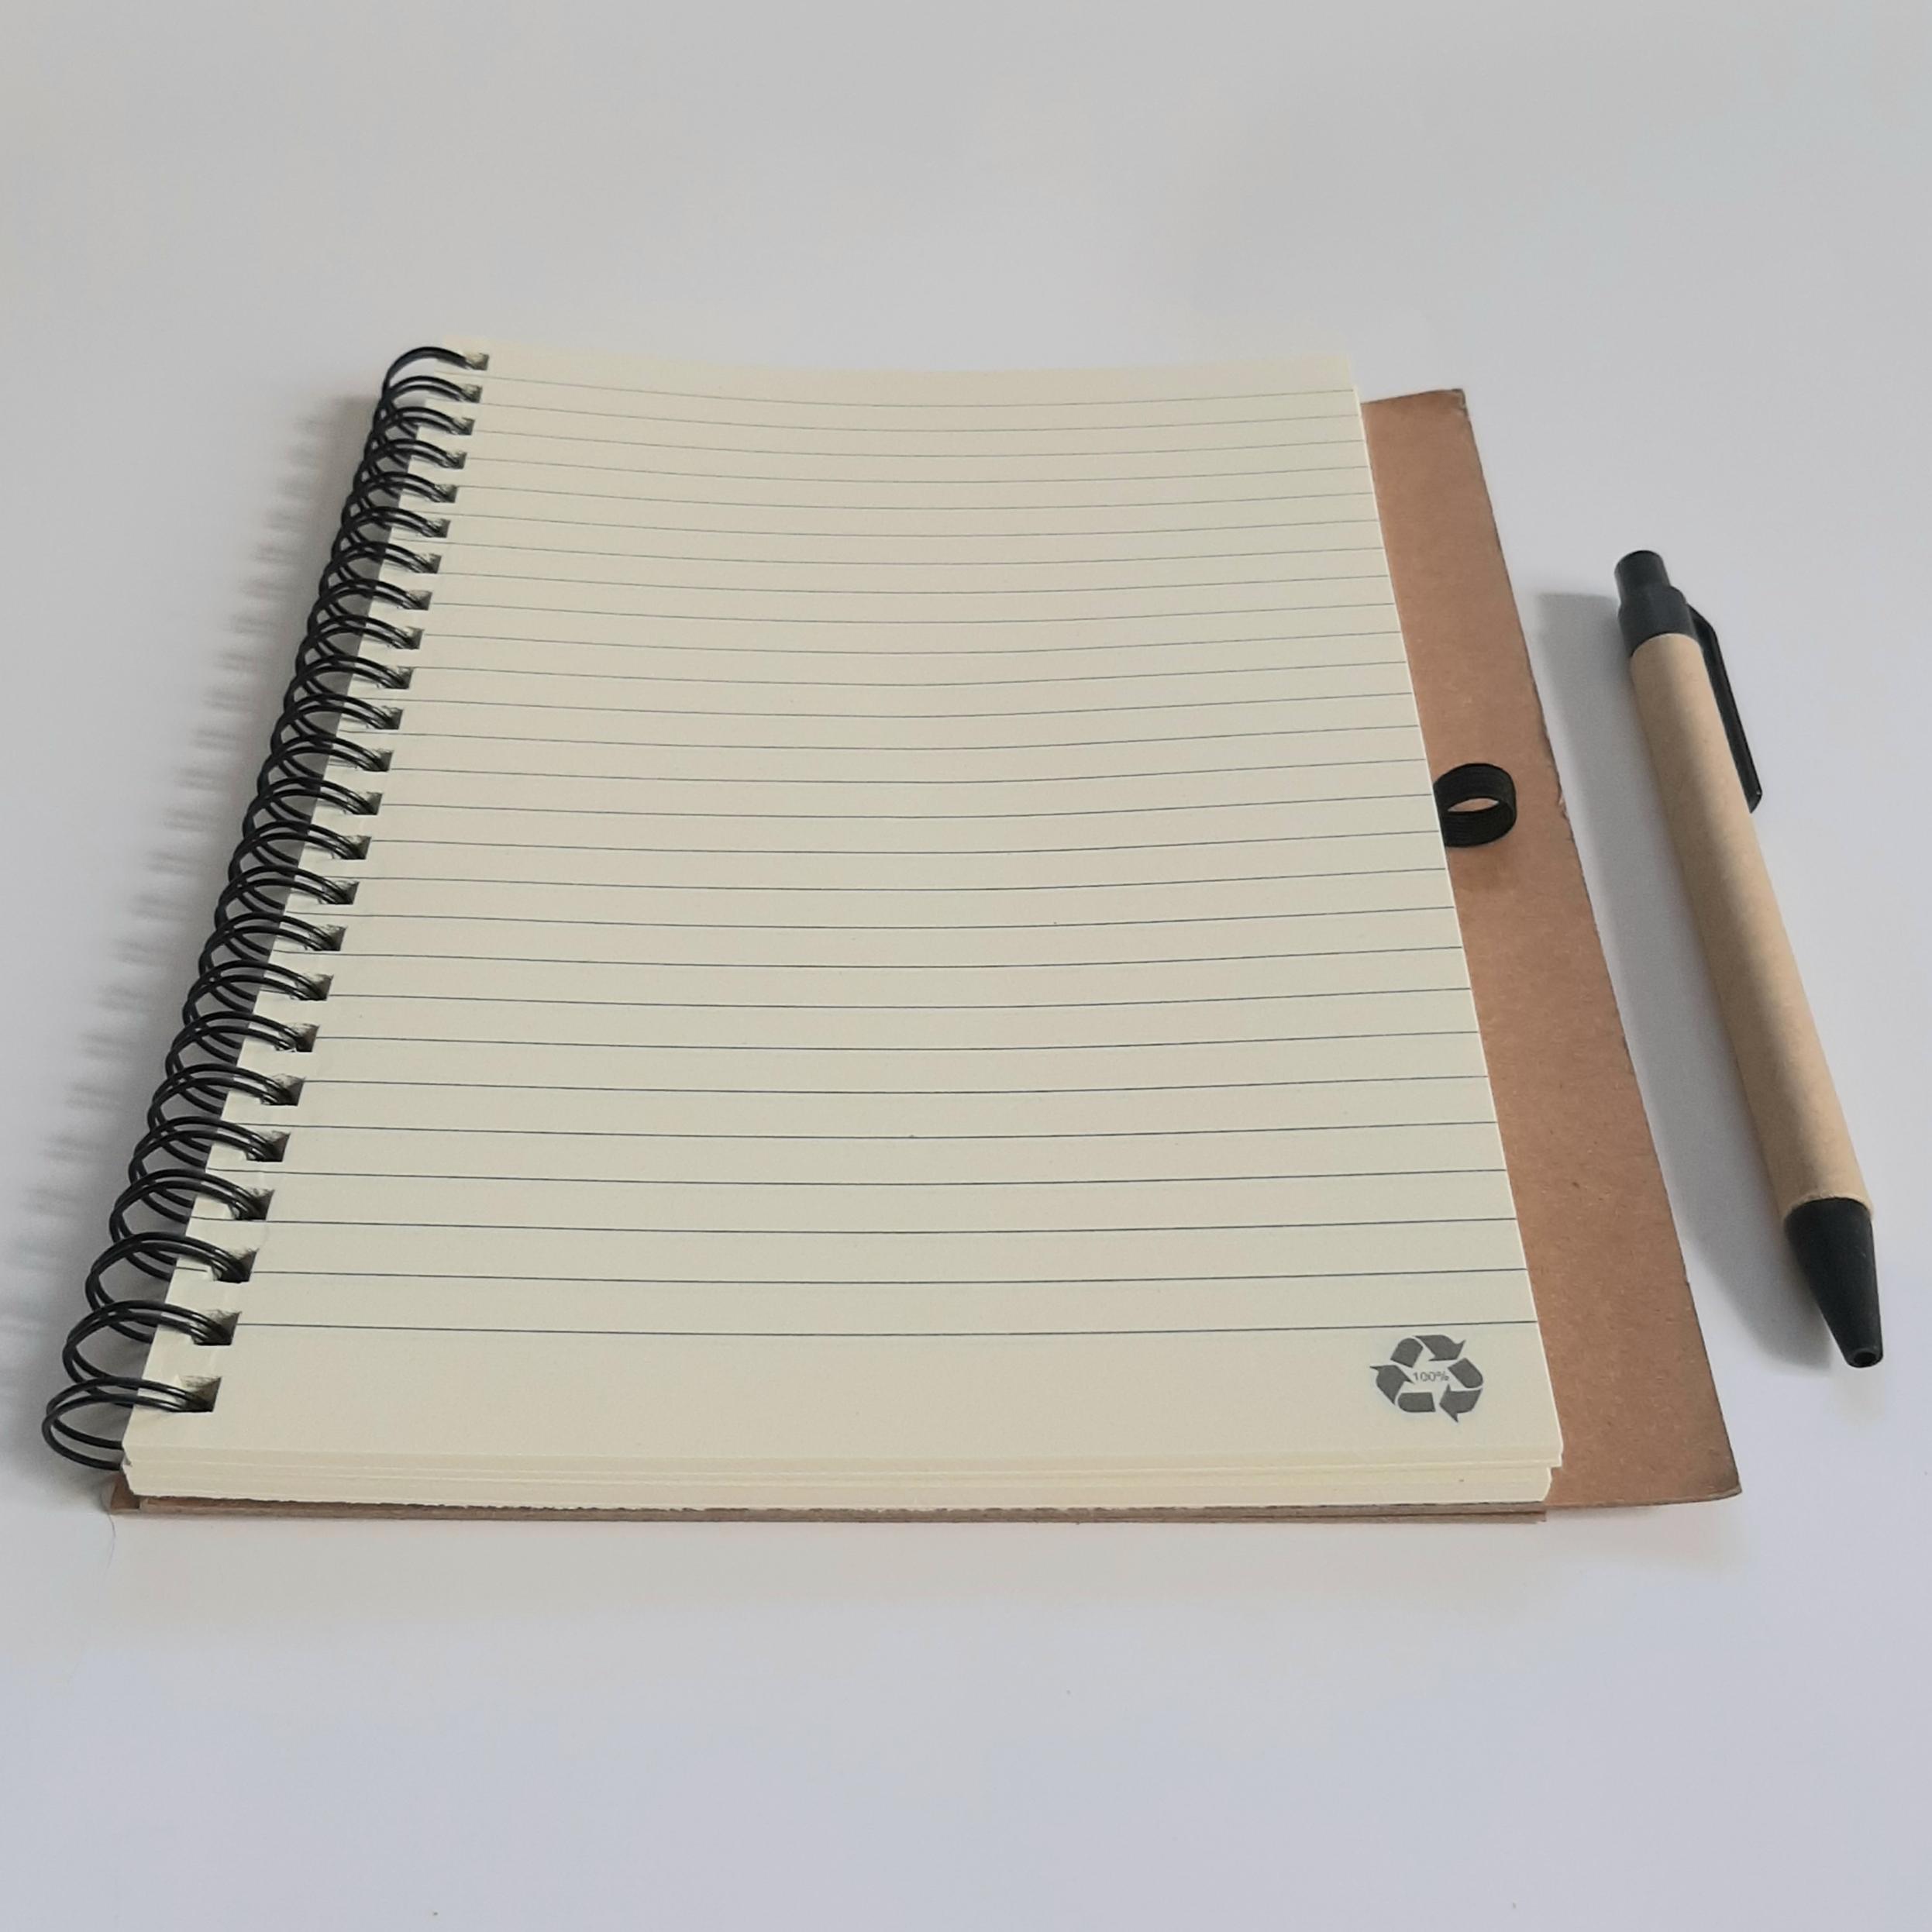 эко блокноты с ручкой